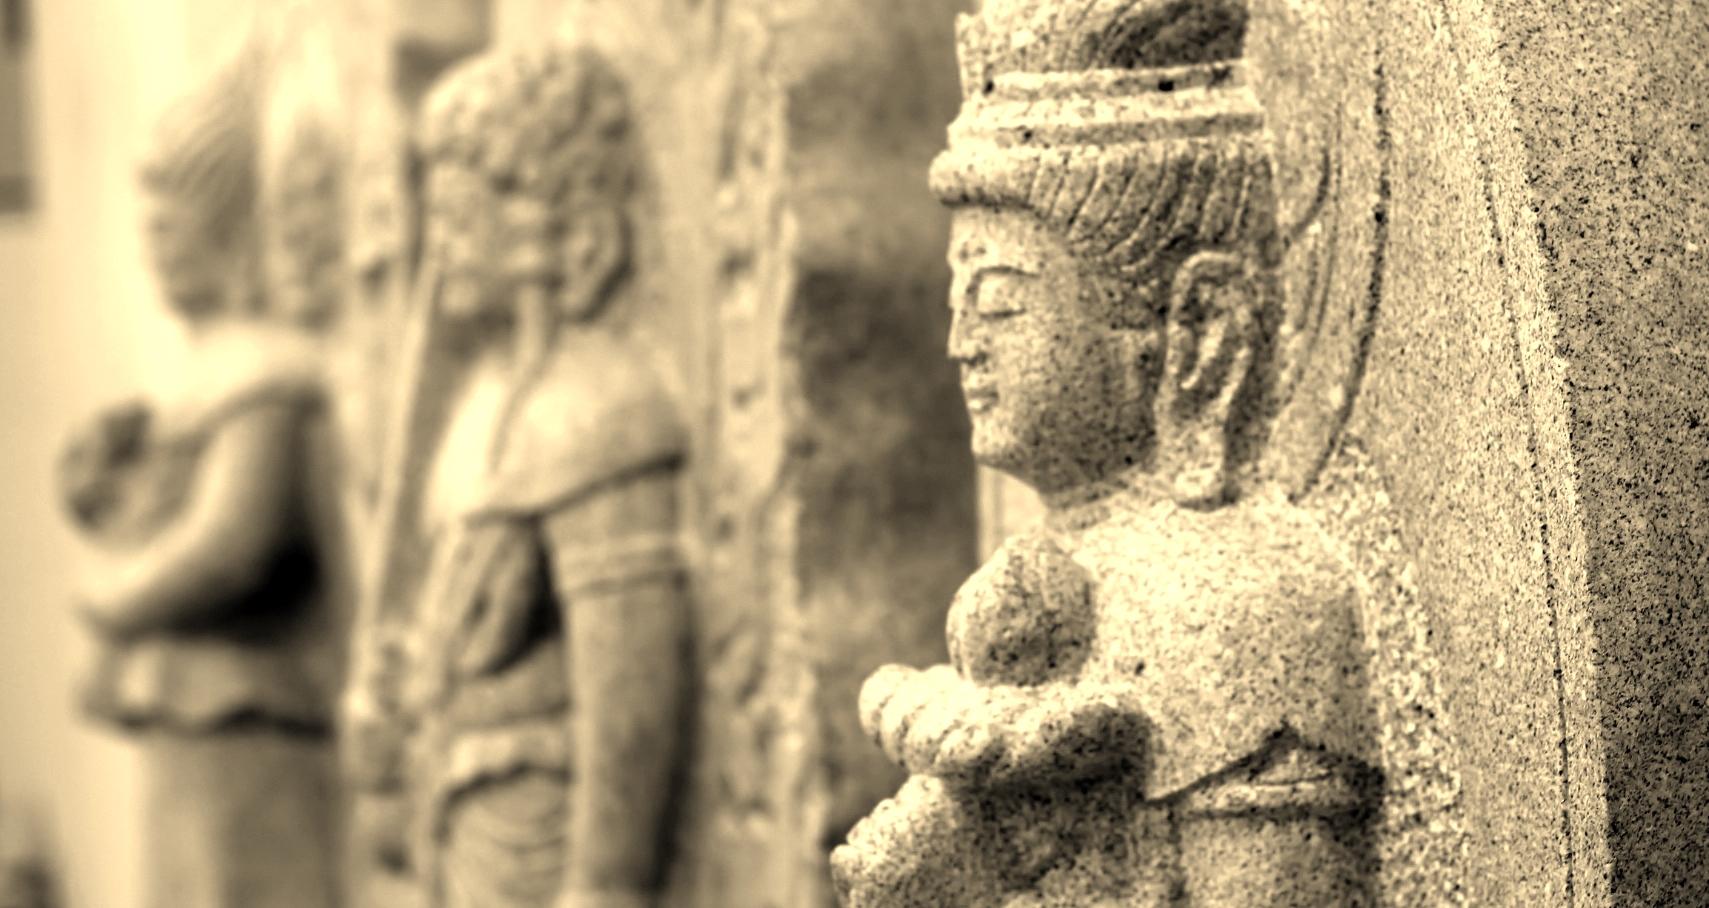 京都, 石屋, 石材店, 石彫刻, 石仏, 狛犬, 創作, 特注品, 伝統, 老舗, 芳村石材店